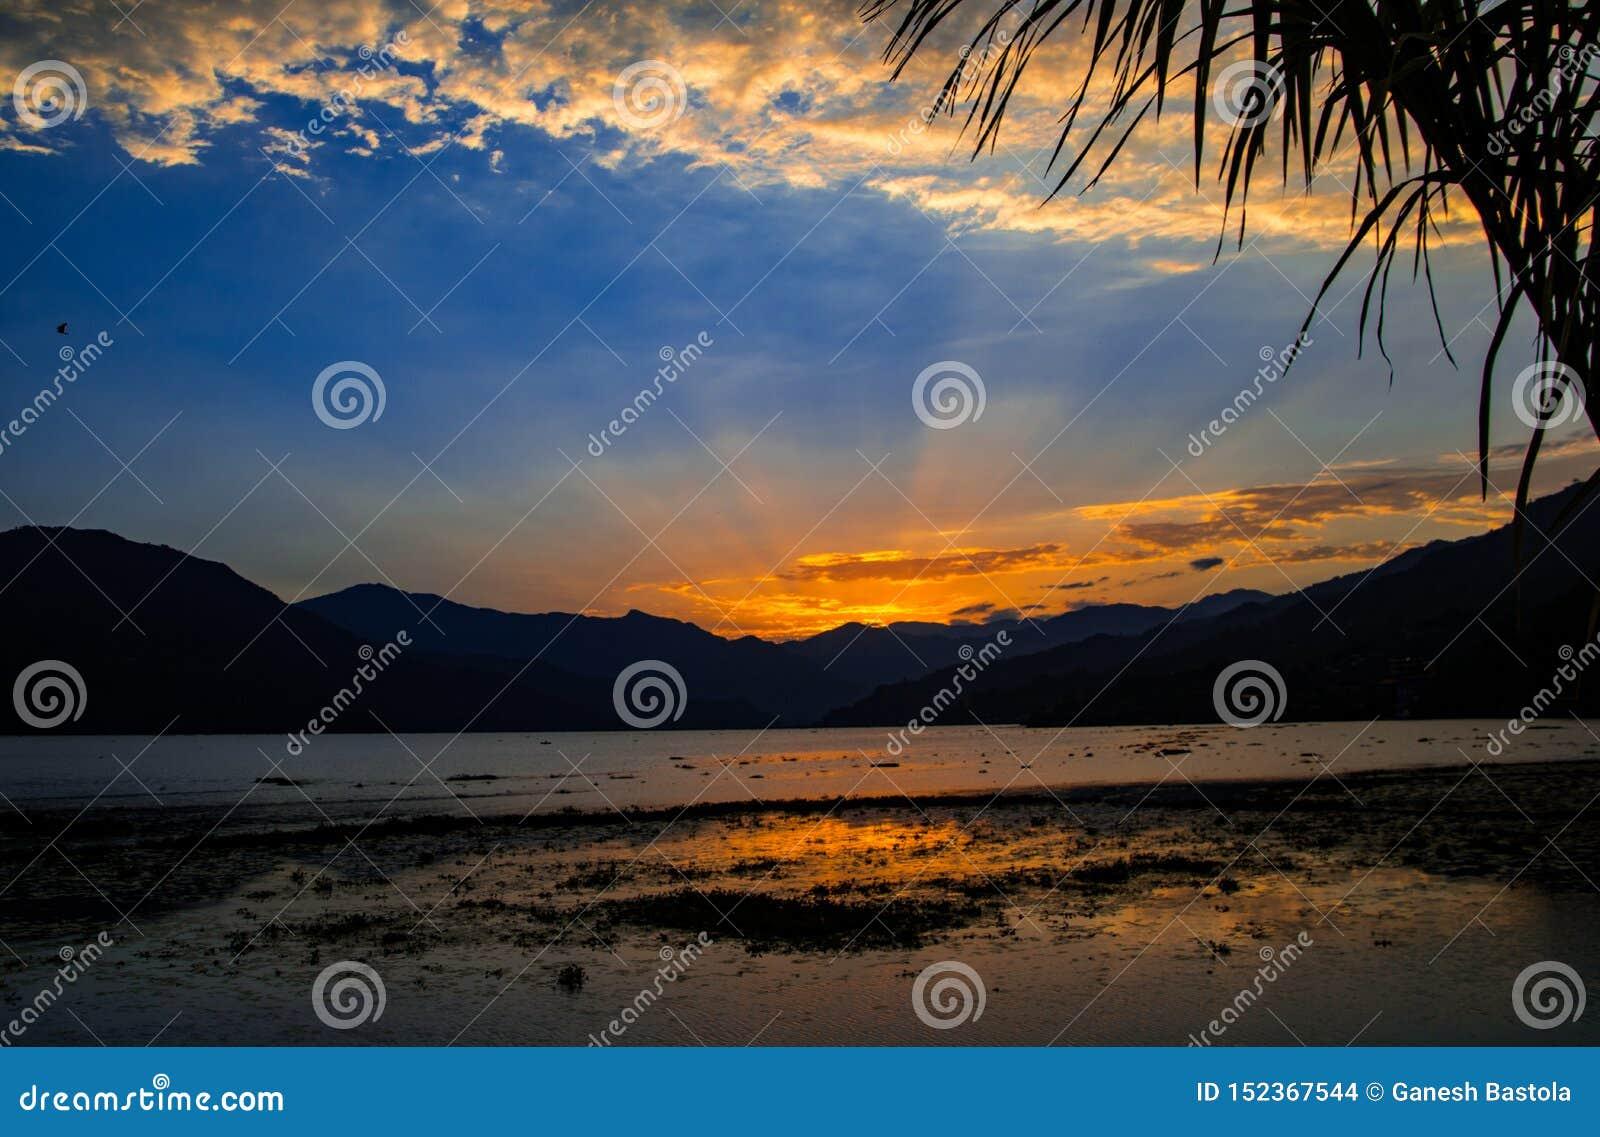 Sunset Over Phewa Lake, Pokhara, Nepal